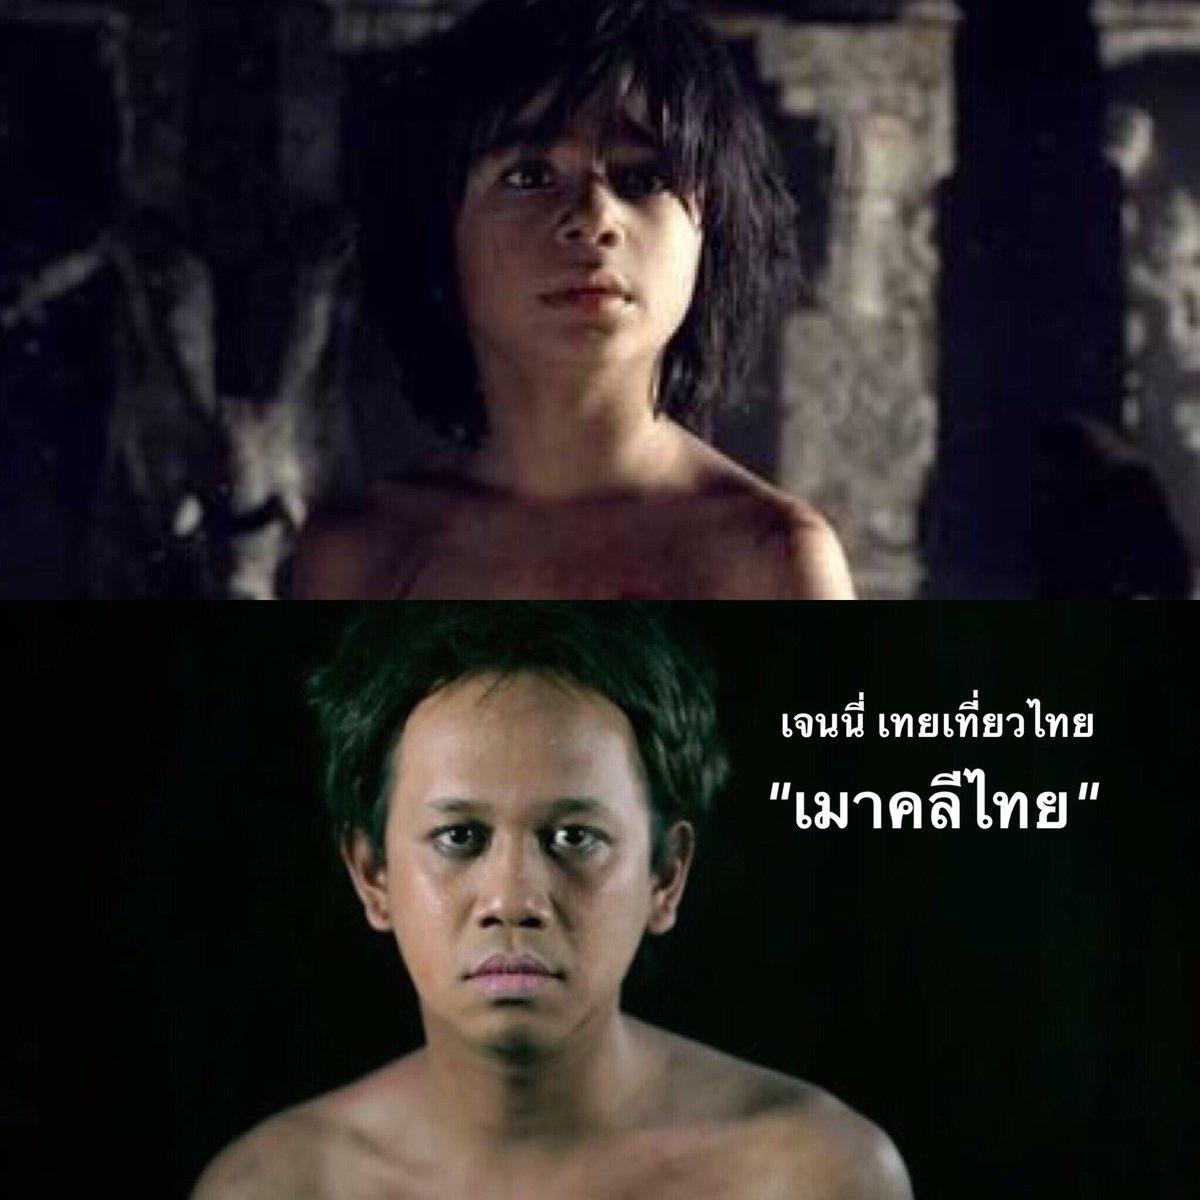 """เจนนี่เคยถูกคัดนักแสดง 2000 คน เพื่อรับบทเป็น """"เมาคลี"""" แต่ไม่ได้ เพราะเค้าเอาเด็ก #เทยเที่ยวไทย https://t.co/yYV0YYndiW"""